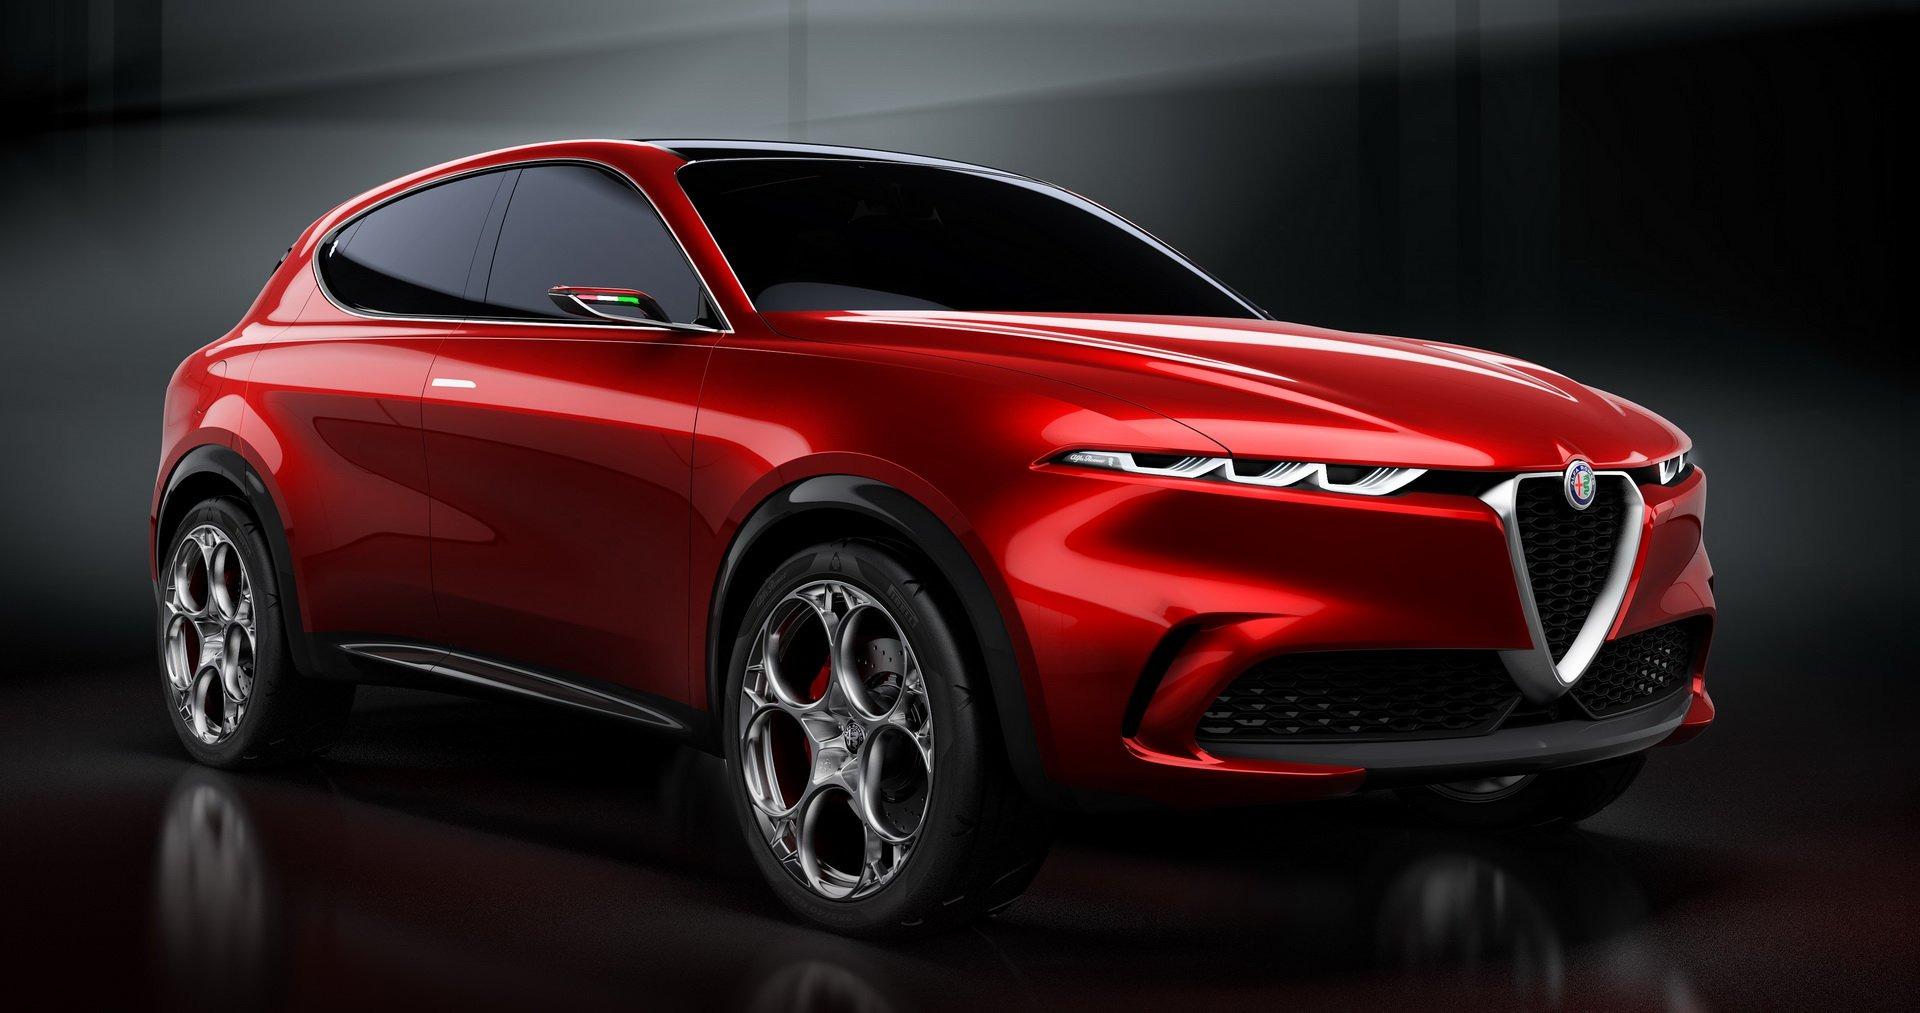 Дебют серийной версии Alfa Romeo Tonale пройдет в сентябре текущего года, а европейские продажи успеют запустить уже в ноябре.